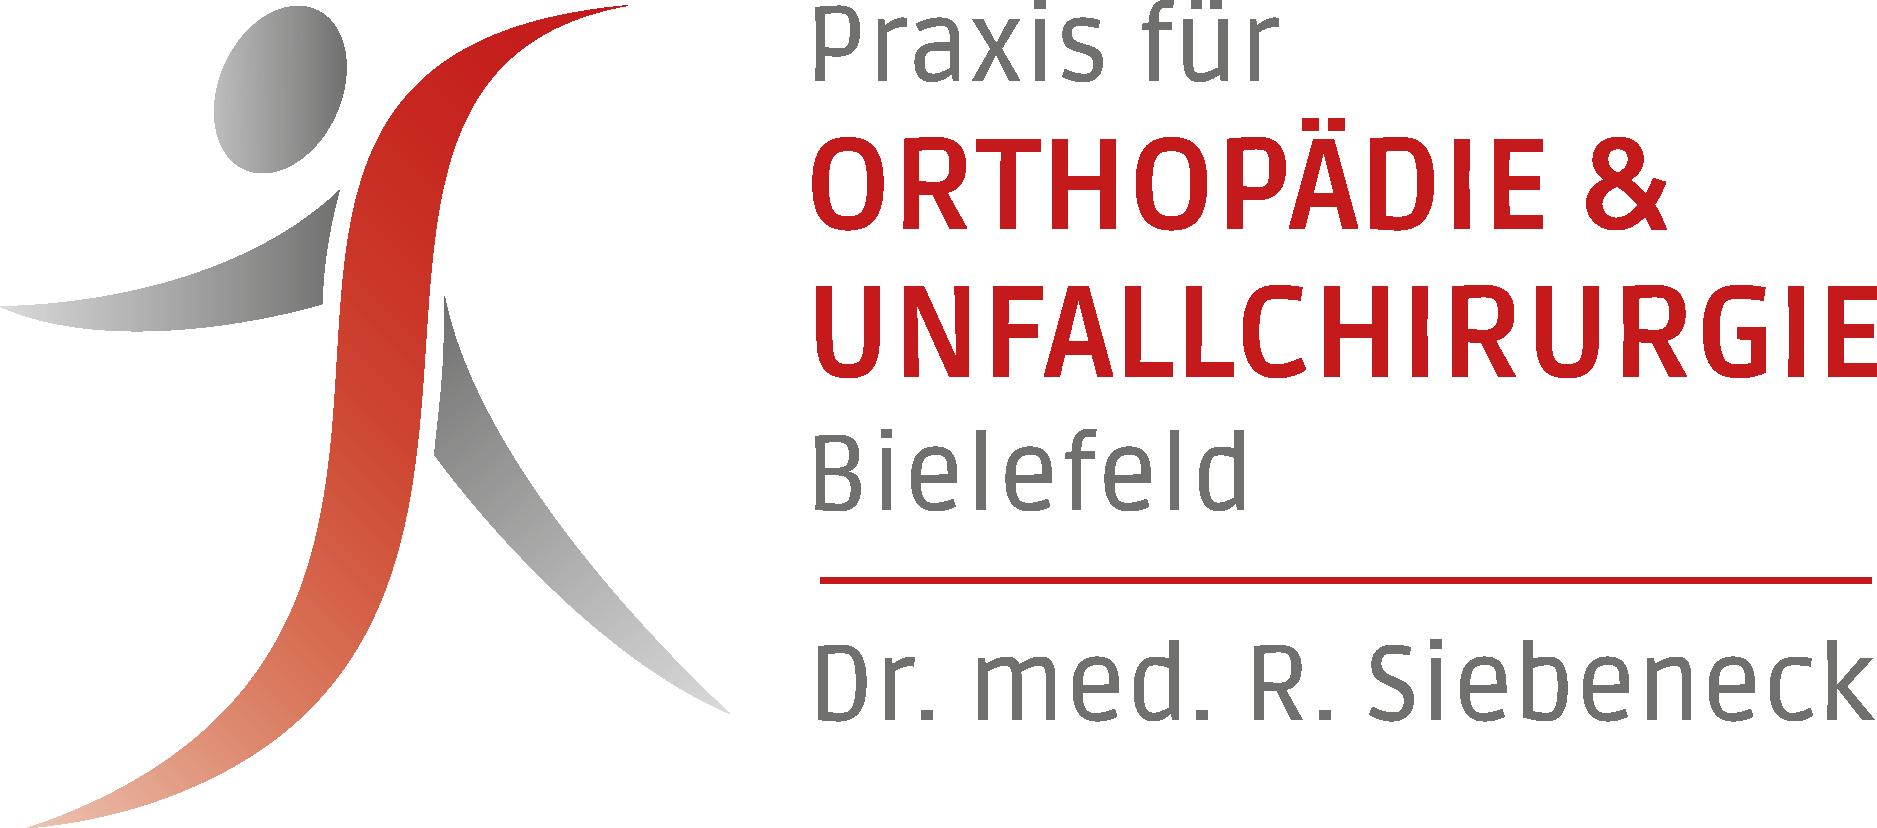 Praxis für Orthopädie und Unfallchirurgie Bielefeld